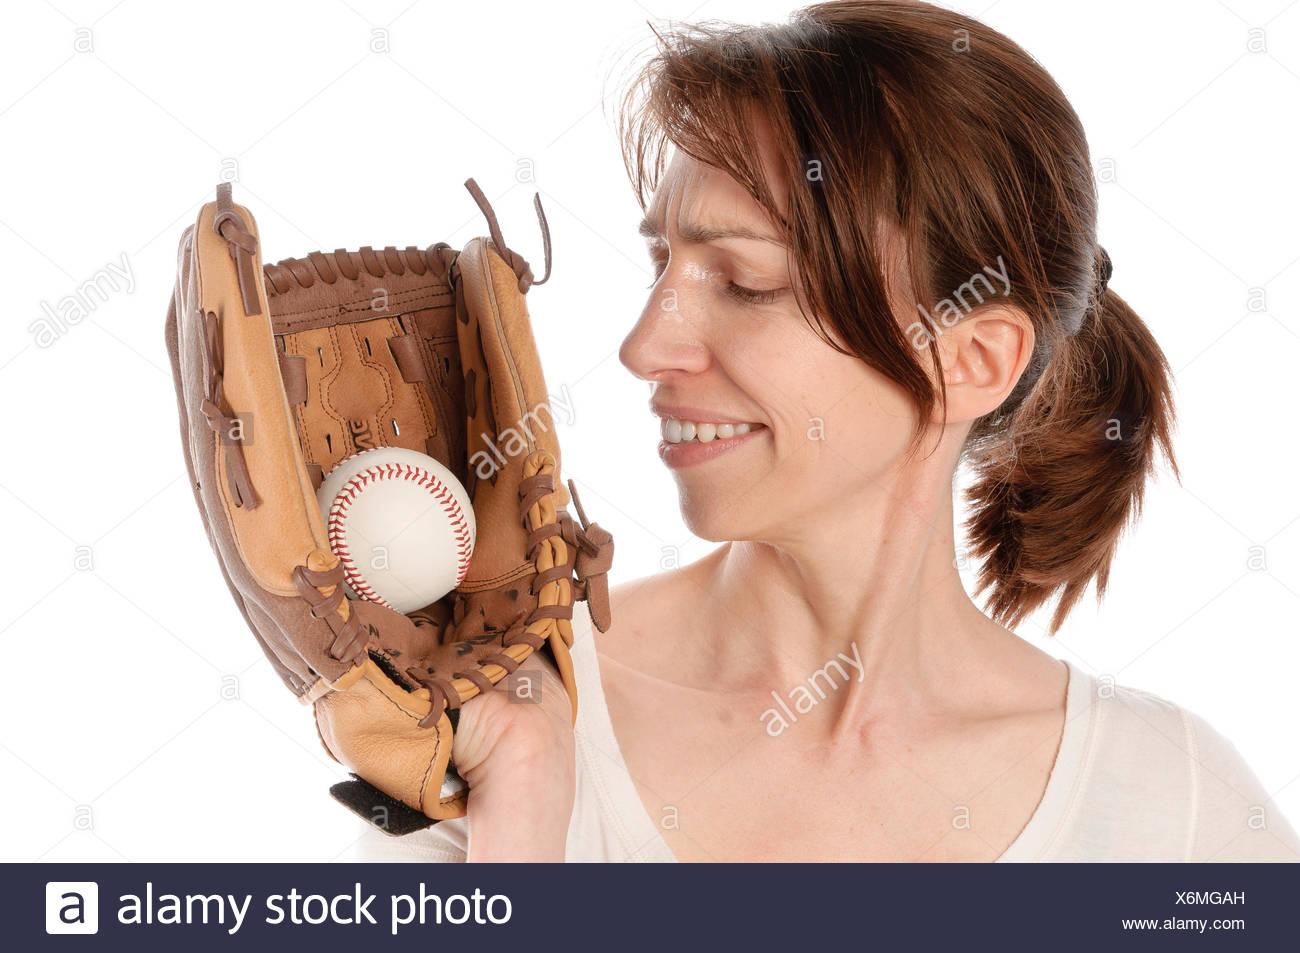 Erwachsene Frau mit Baseballhandschuh und weißer Sportkleidung vor weißem Hintergrund - Stock Image